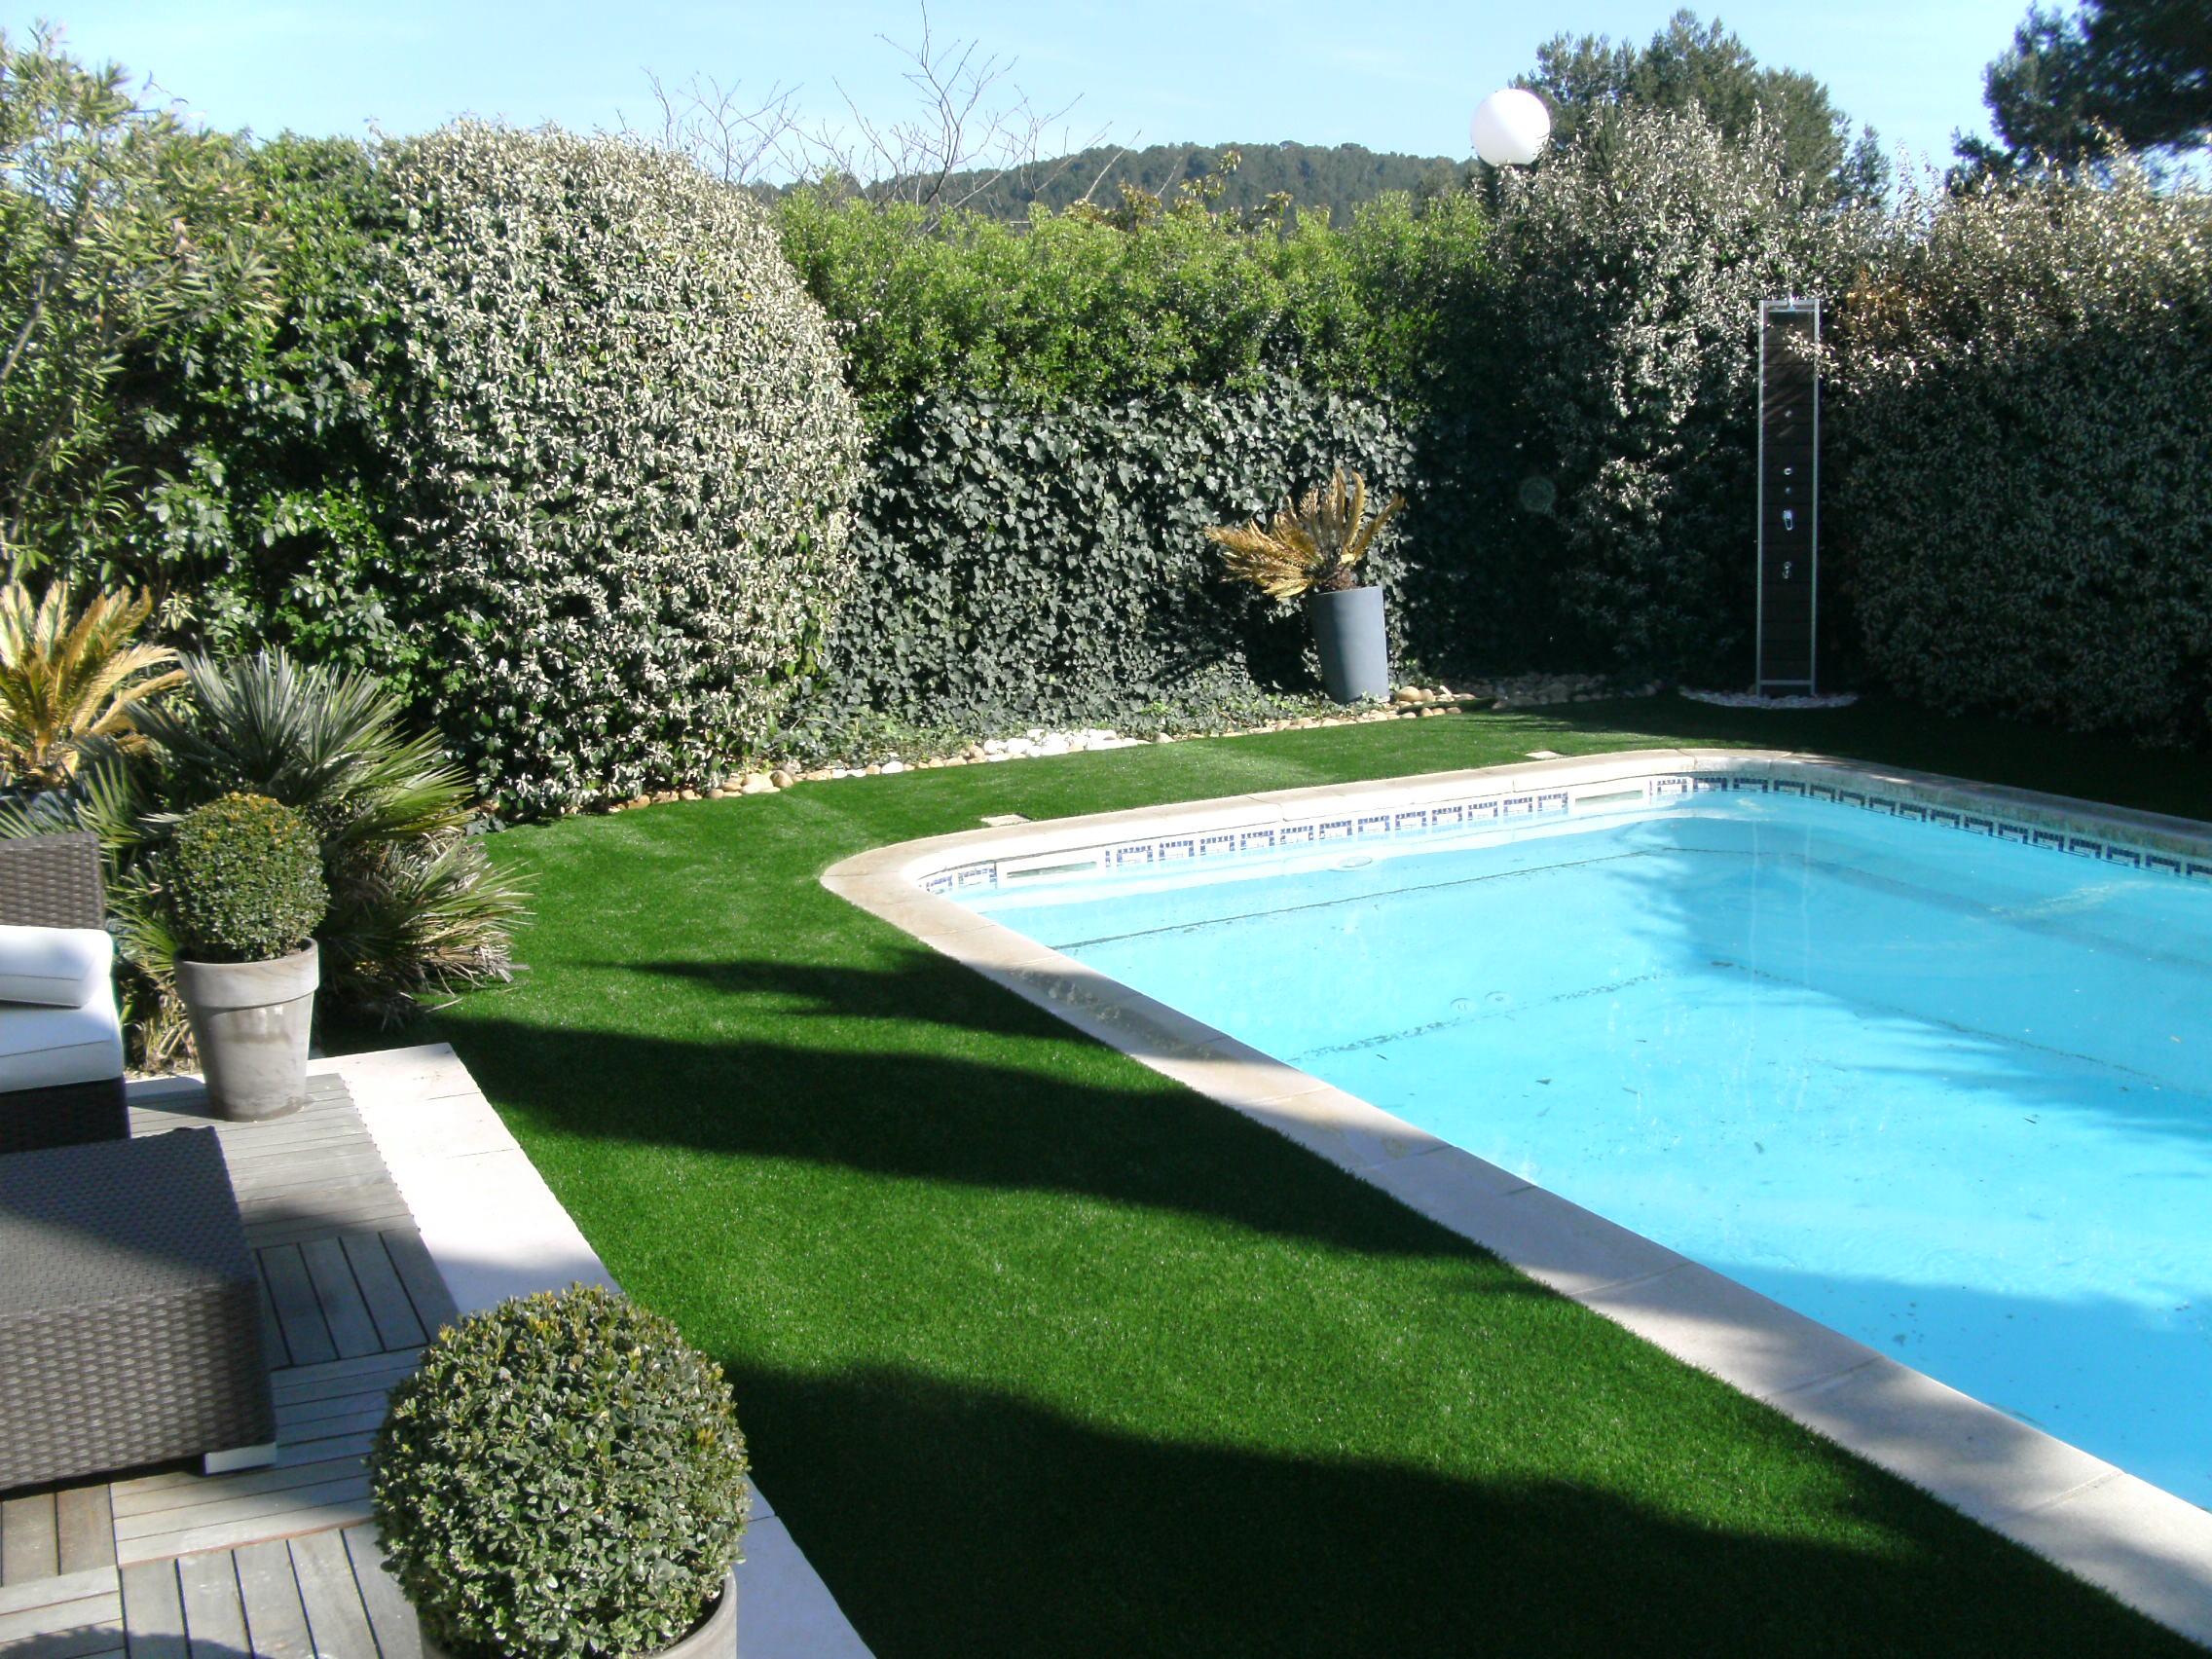 gazon-synthetique-piscine-1-gazon-synth-tique-pour-contour ...